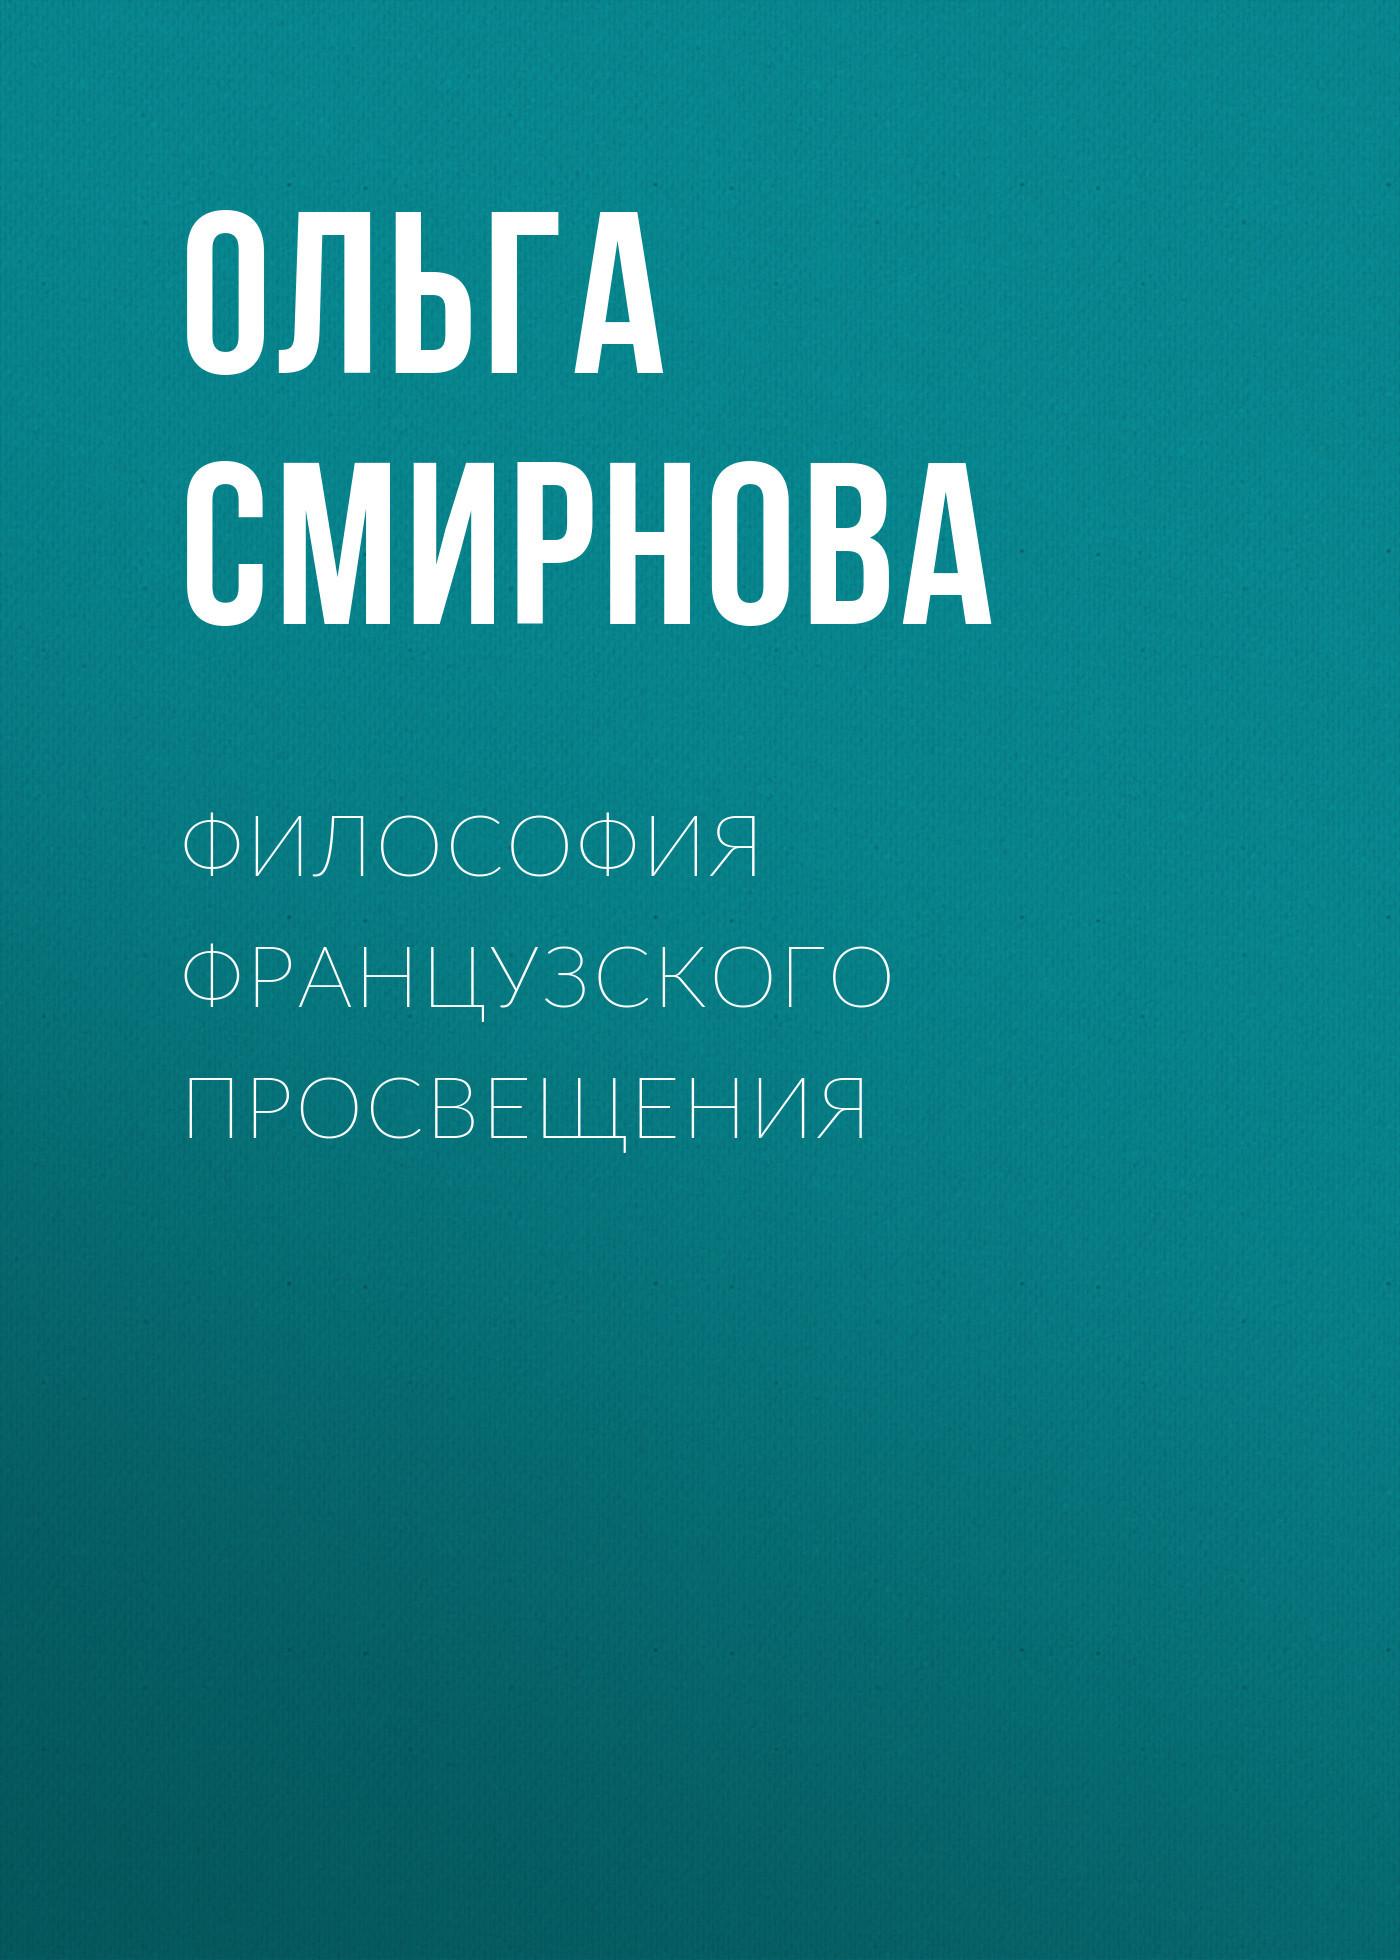 Ольга Смирнова. Философия французского просвещения